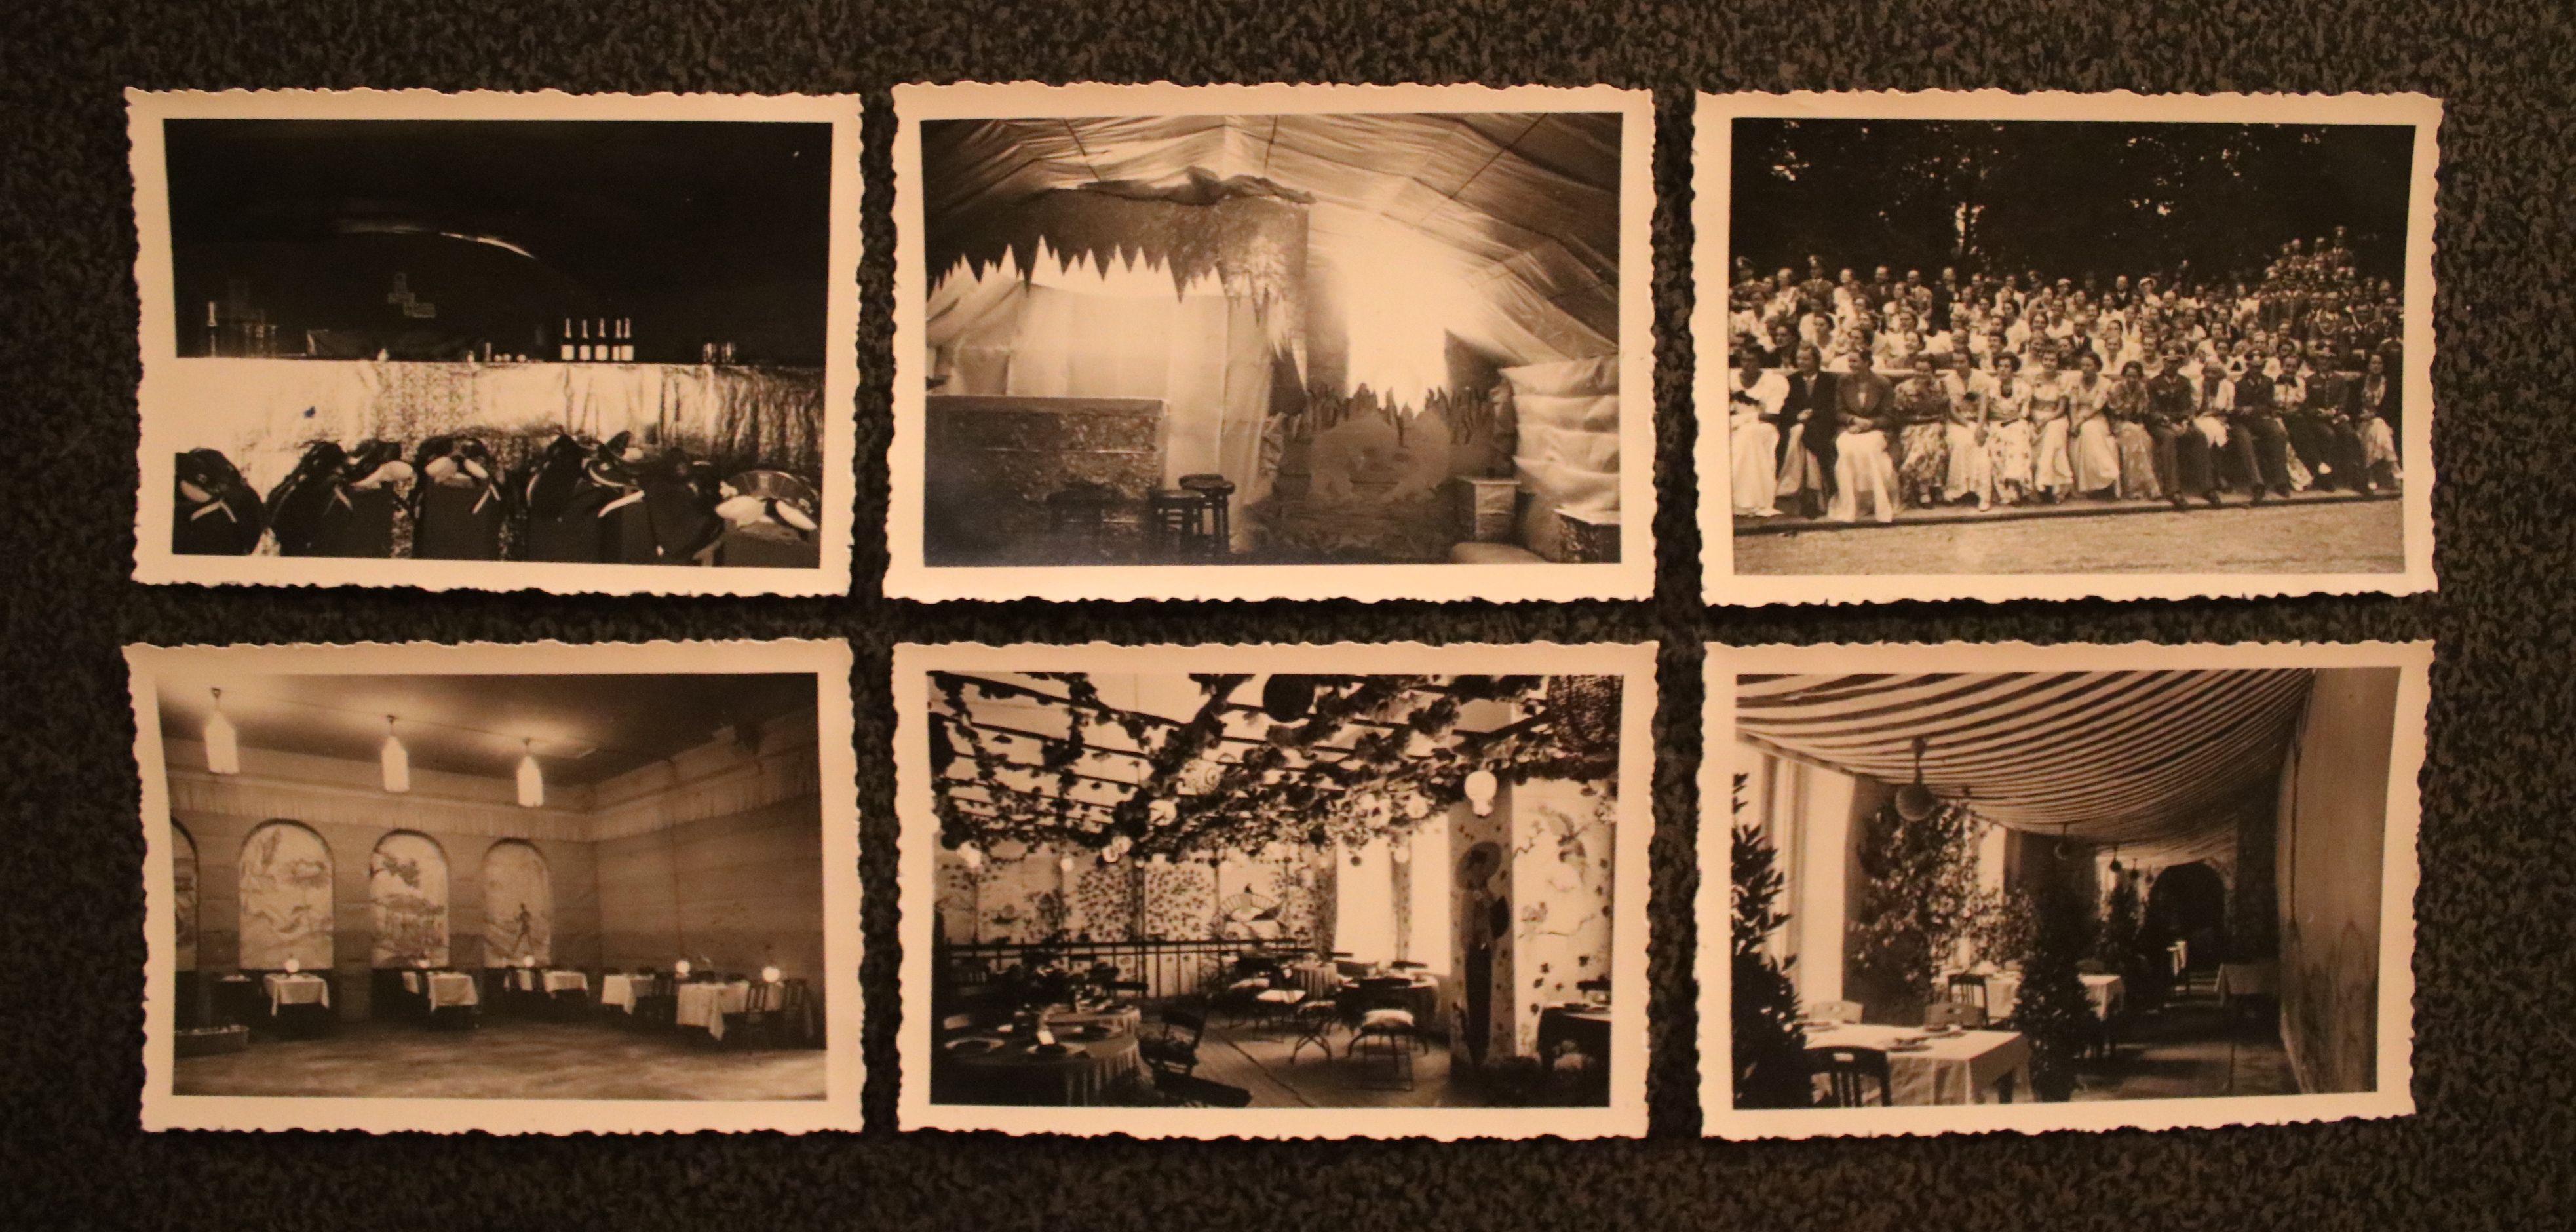 IMG 7626 - Völkischer Beobachter, Münchener Kriegsschule, München, Joseph Greiner, Fotografie, Conrad von Cochenhausen, Bayern, 2. Weltkrieg, 1941, 1937, 1888